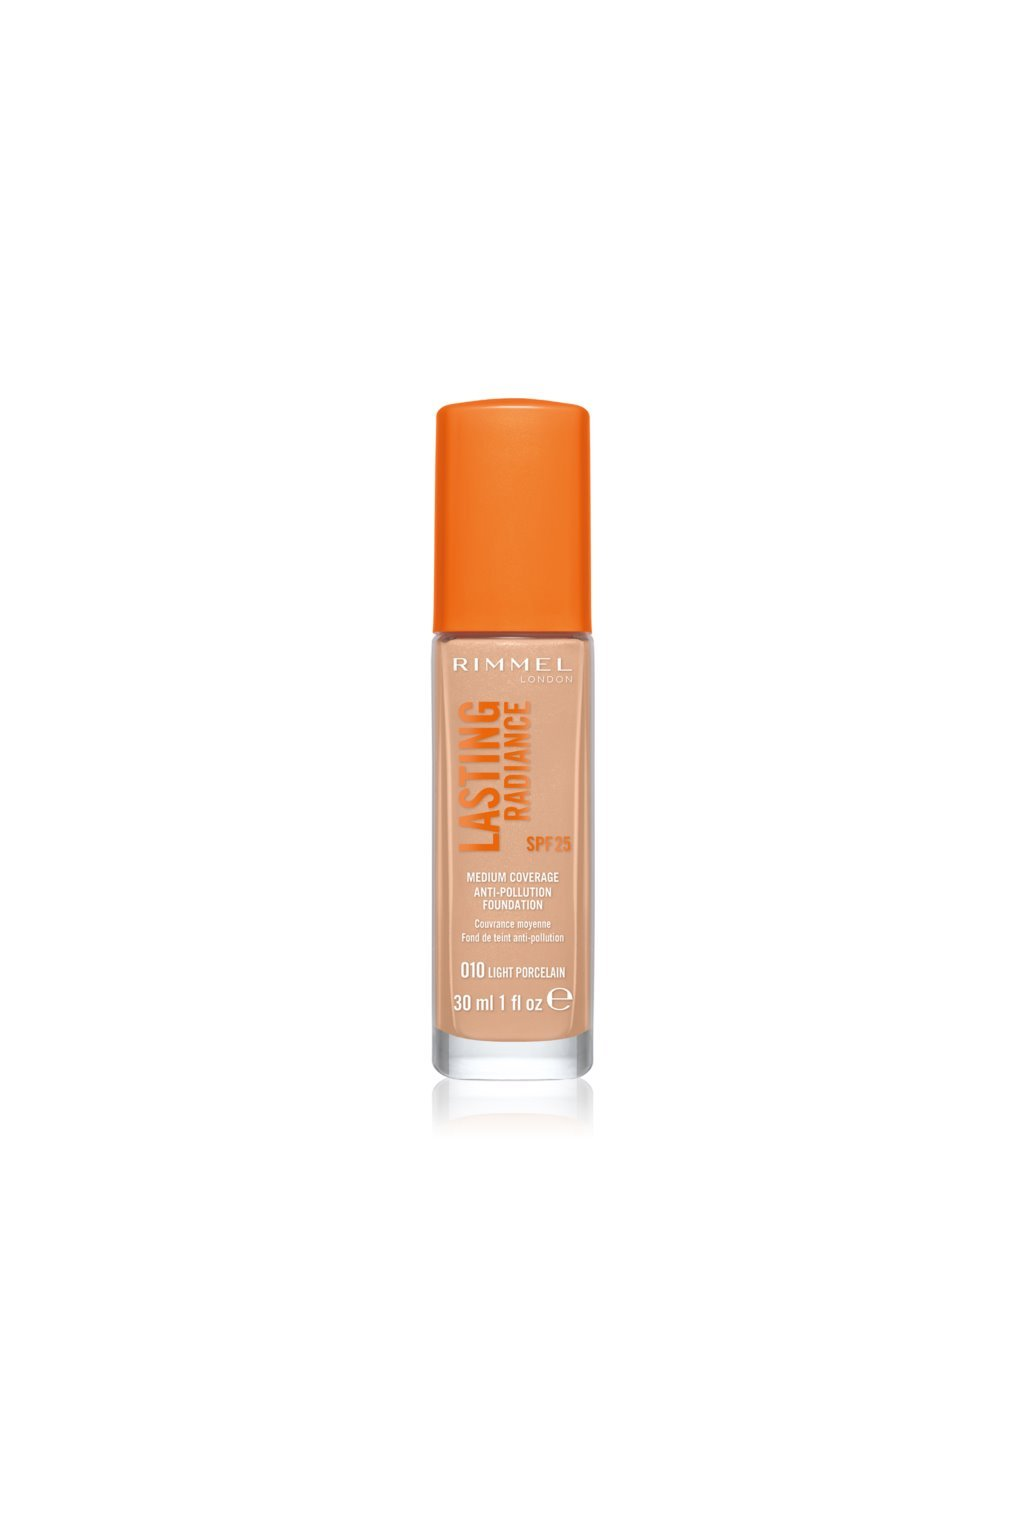 rimmel lasting radiance rozjasnujici make up spf 25 odstin 010